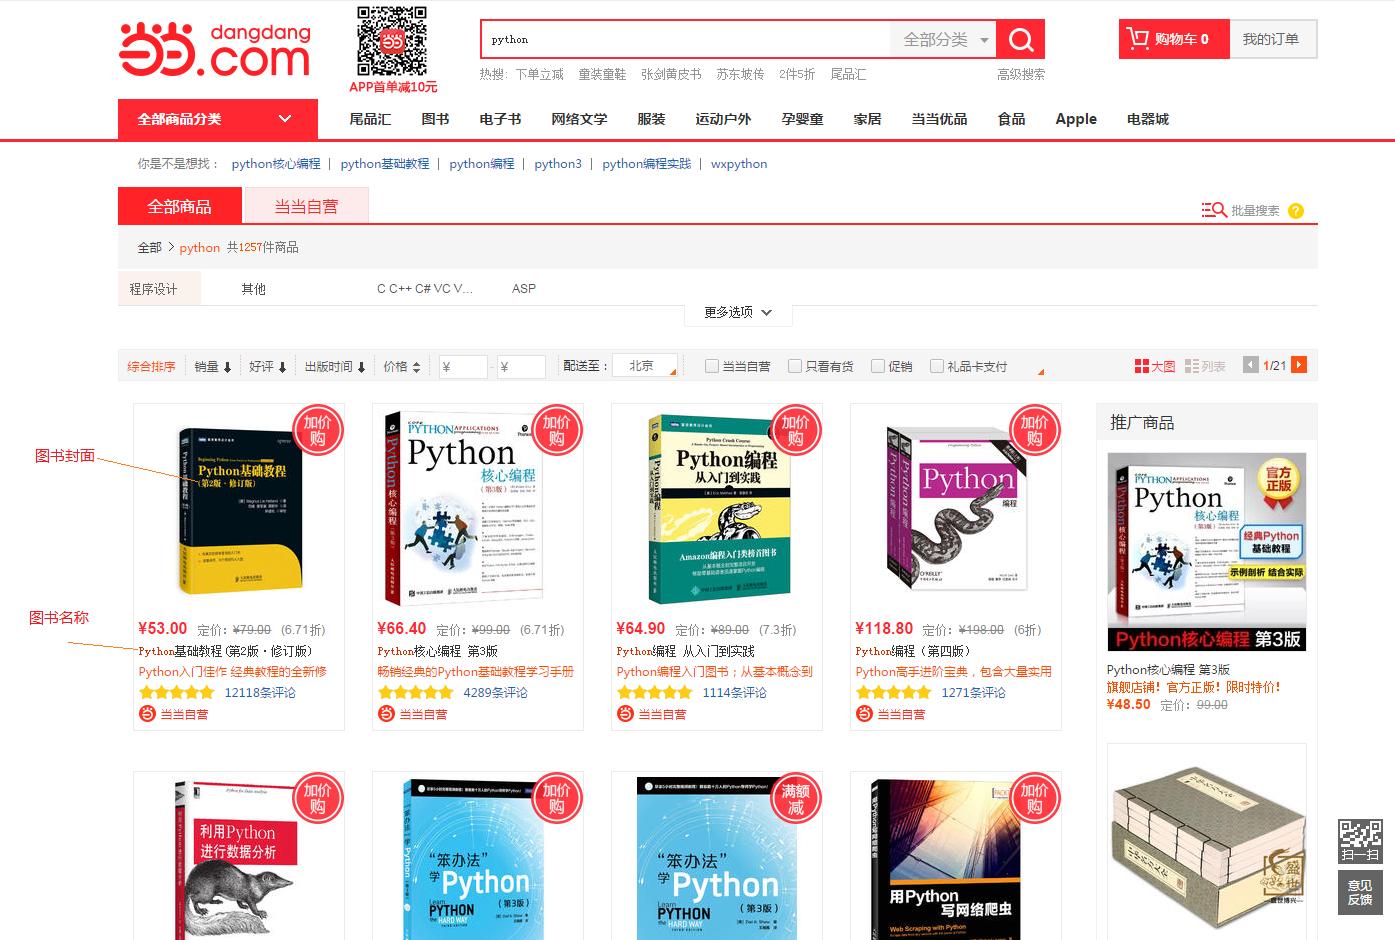 爬虫实战一:爬取当当网所有 Python 书籍